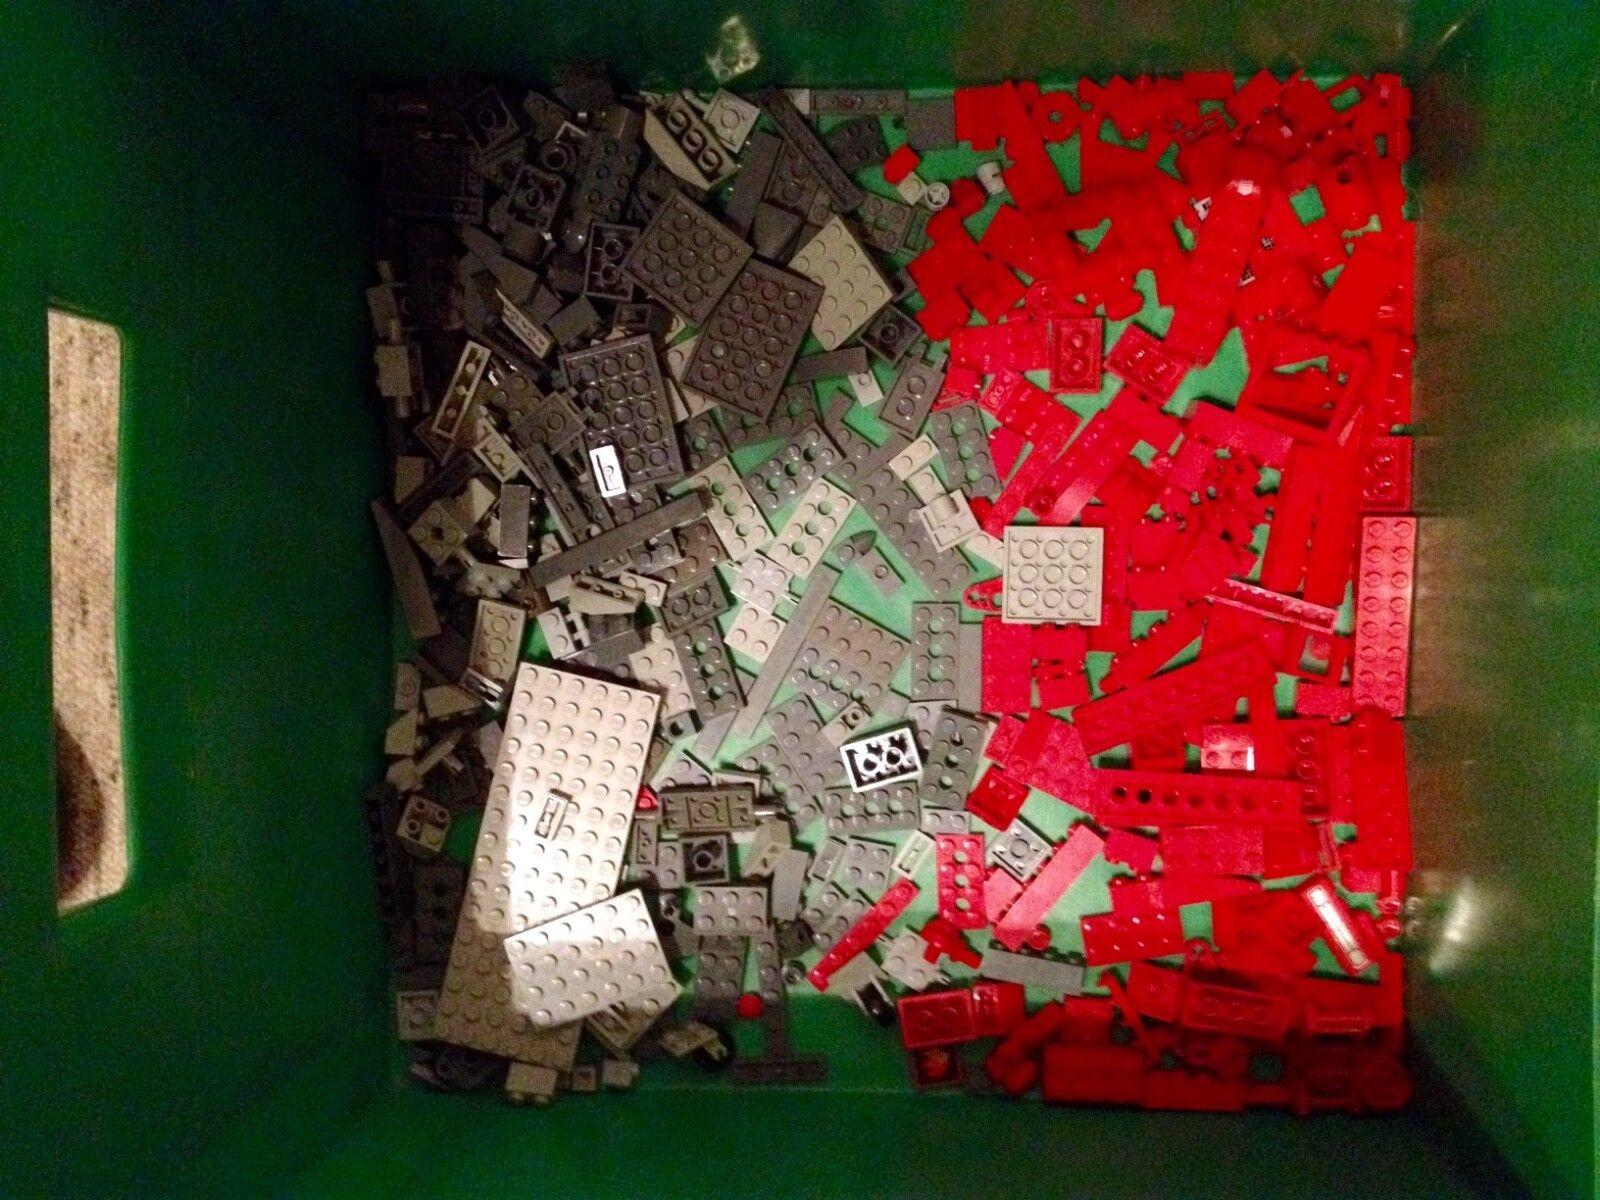 Lego und Legotechnik Konvolut mit vielen Sonderteilen + Spiel Creationnary 3 KG+